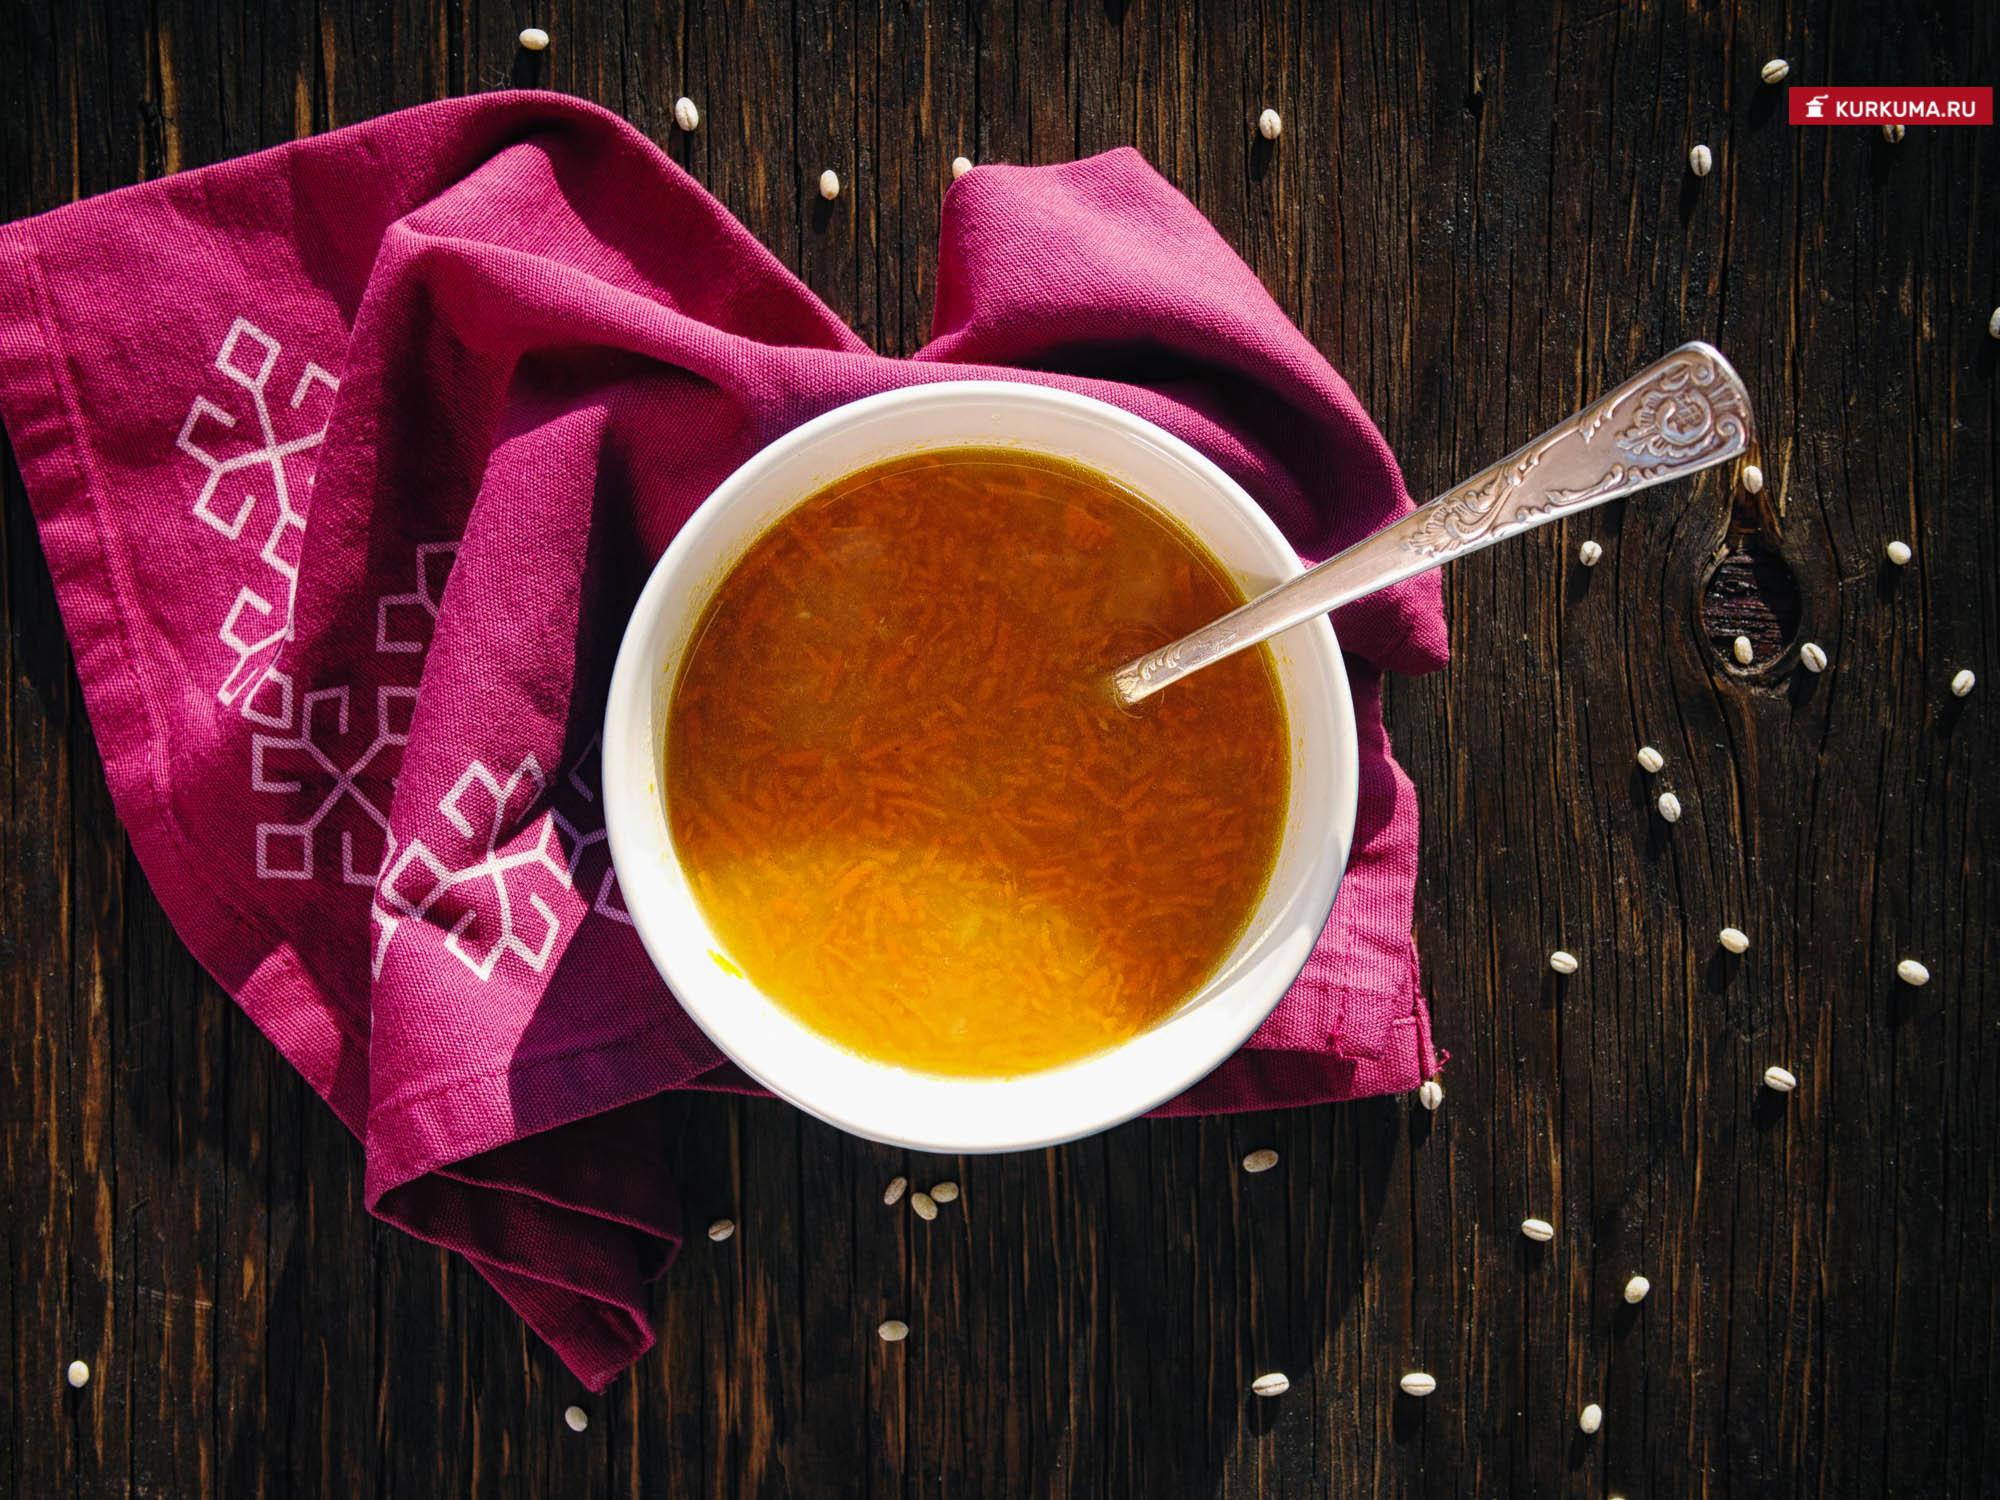 Суп горохово-перловый - рецепт с фото